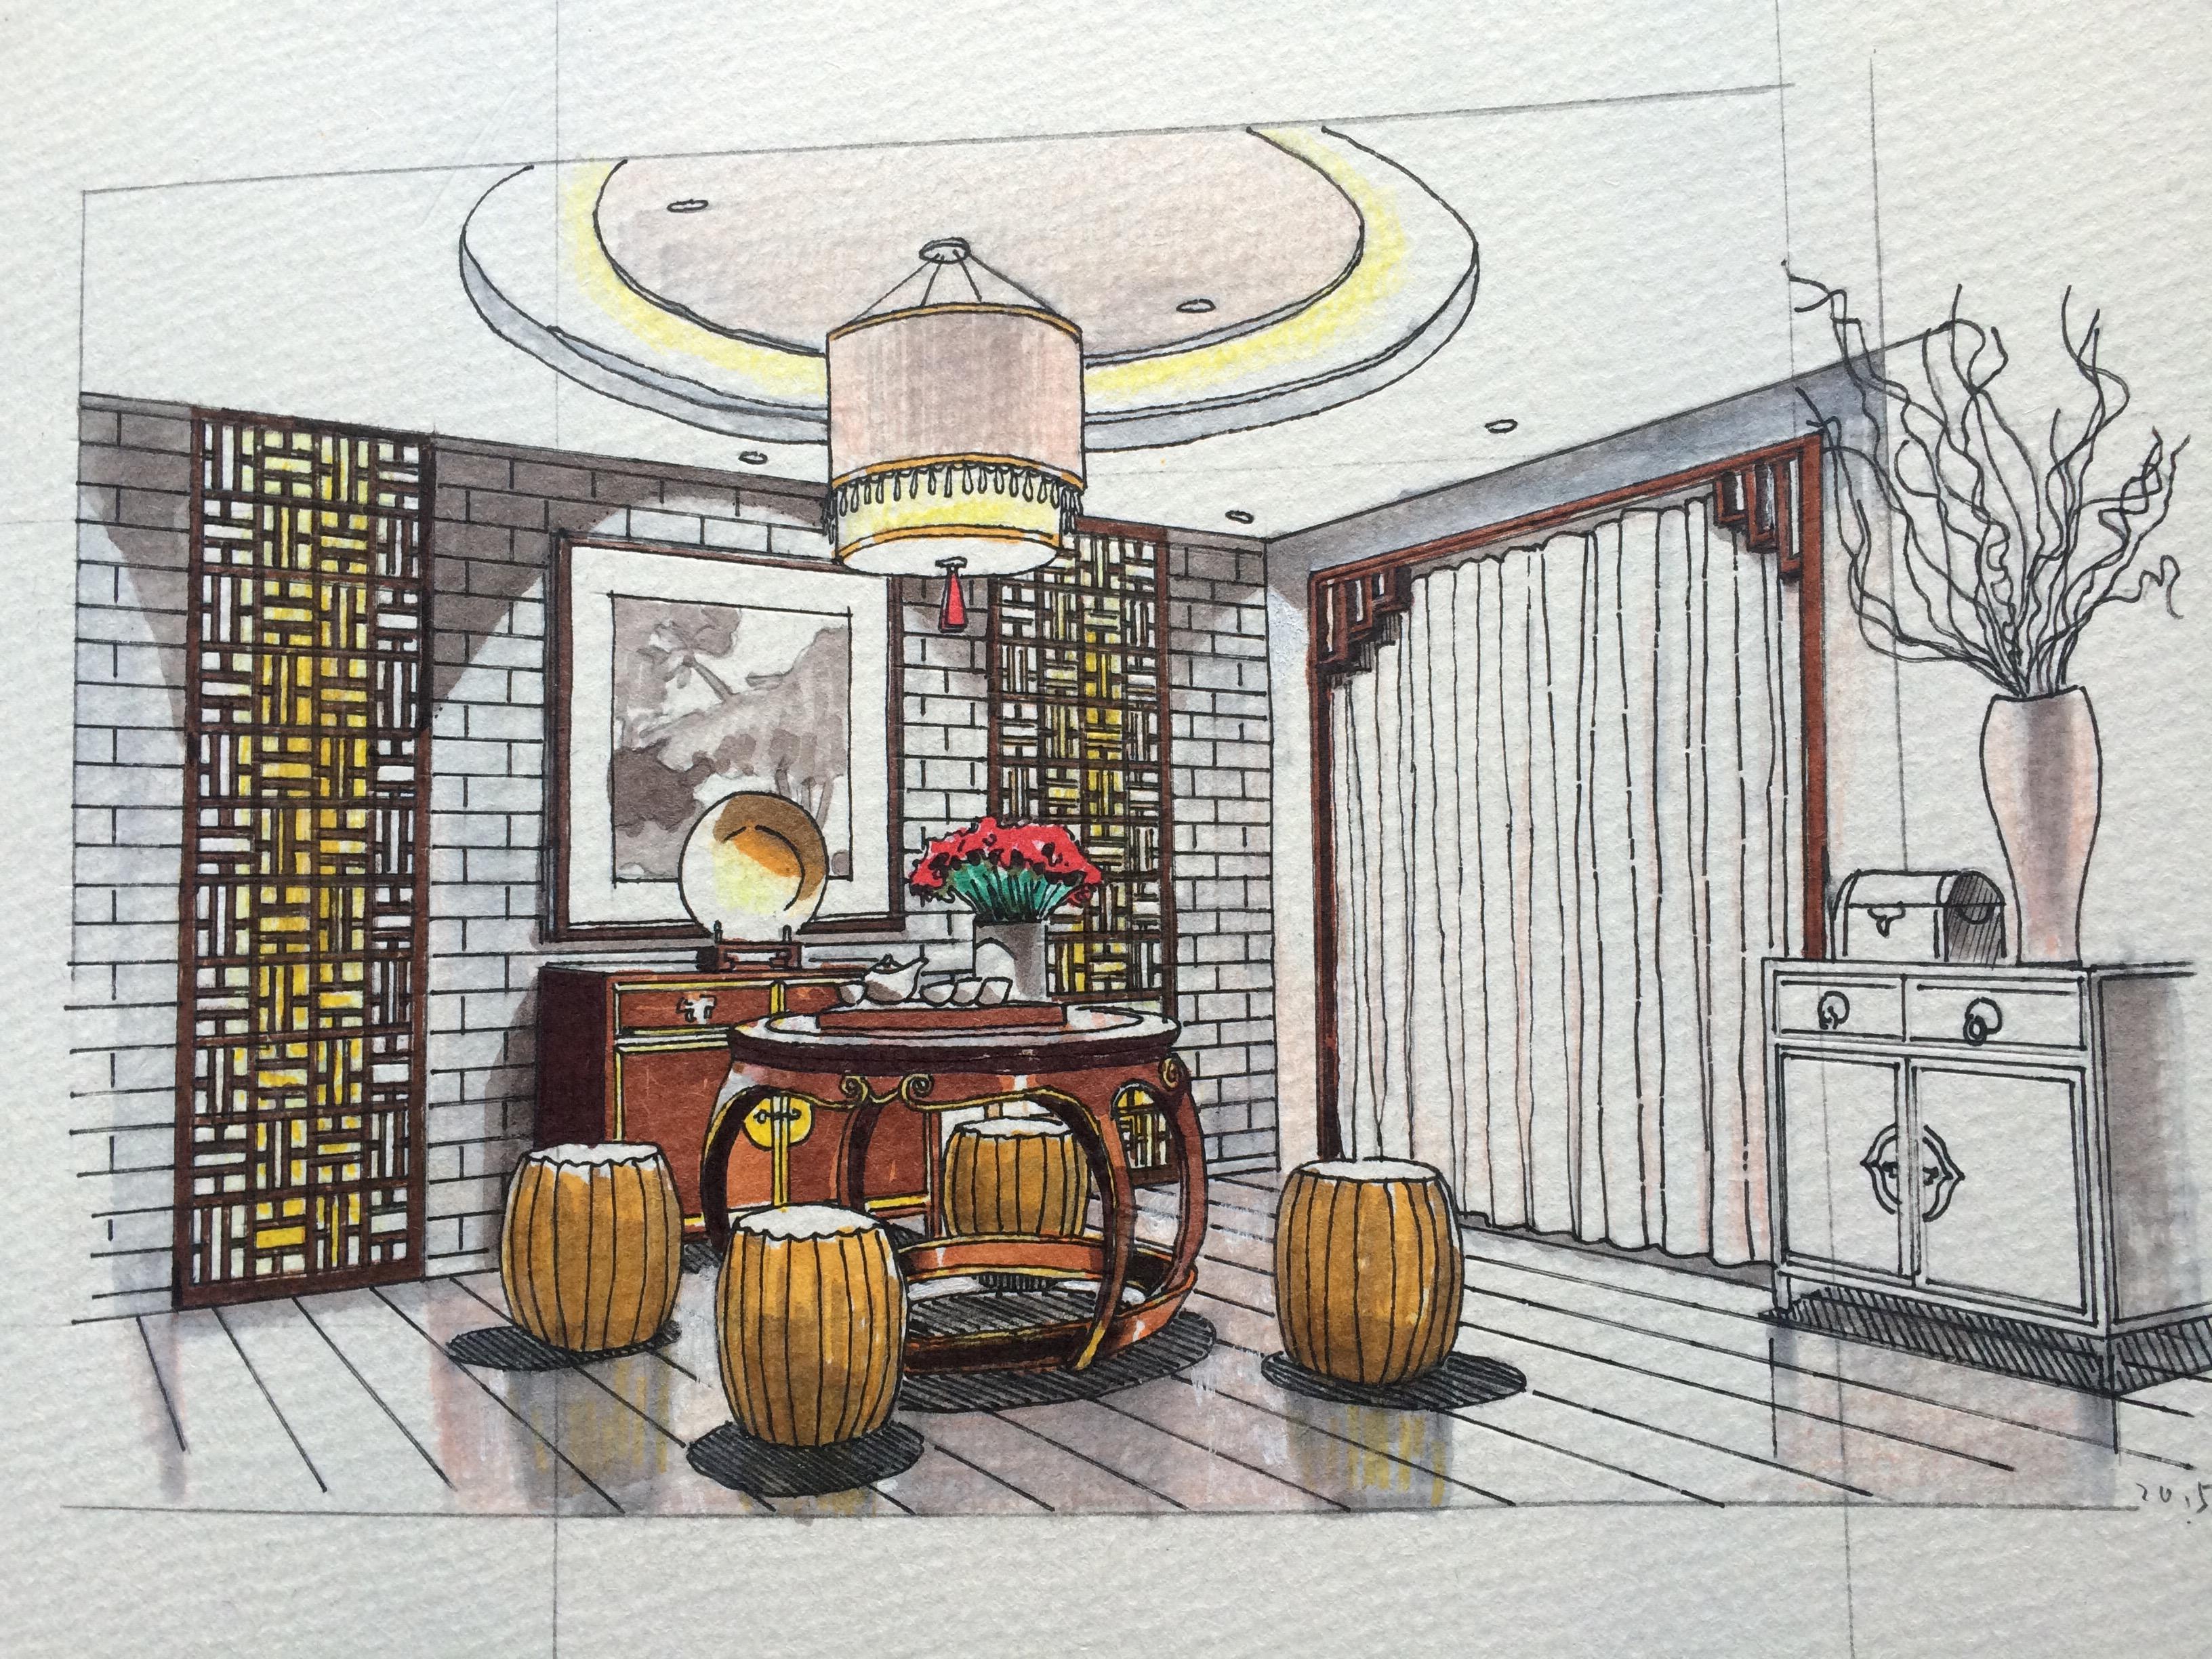 中式风格|空间|室内设计|彩色的斑马 - 原创作品